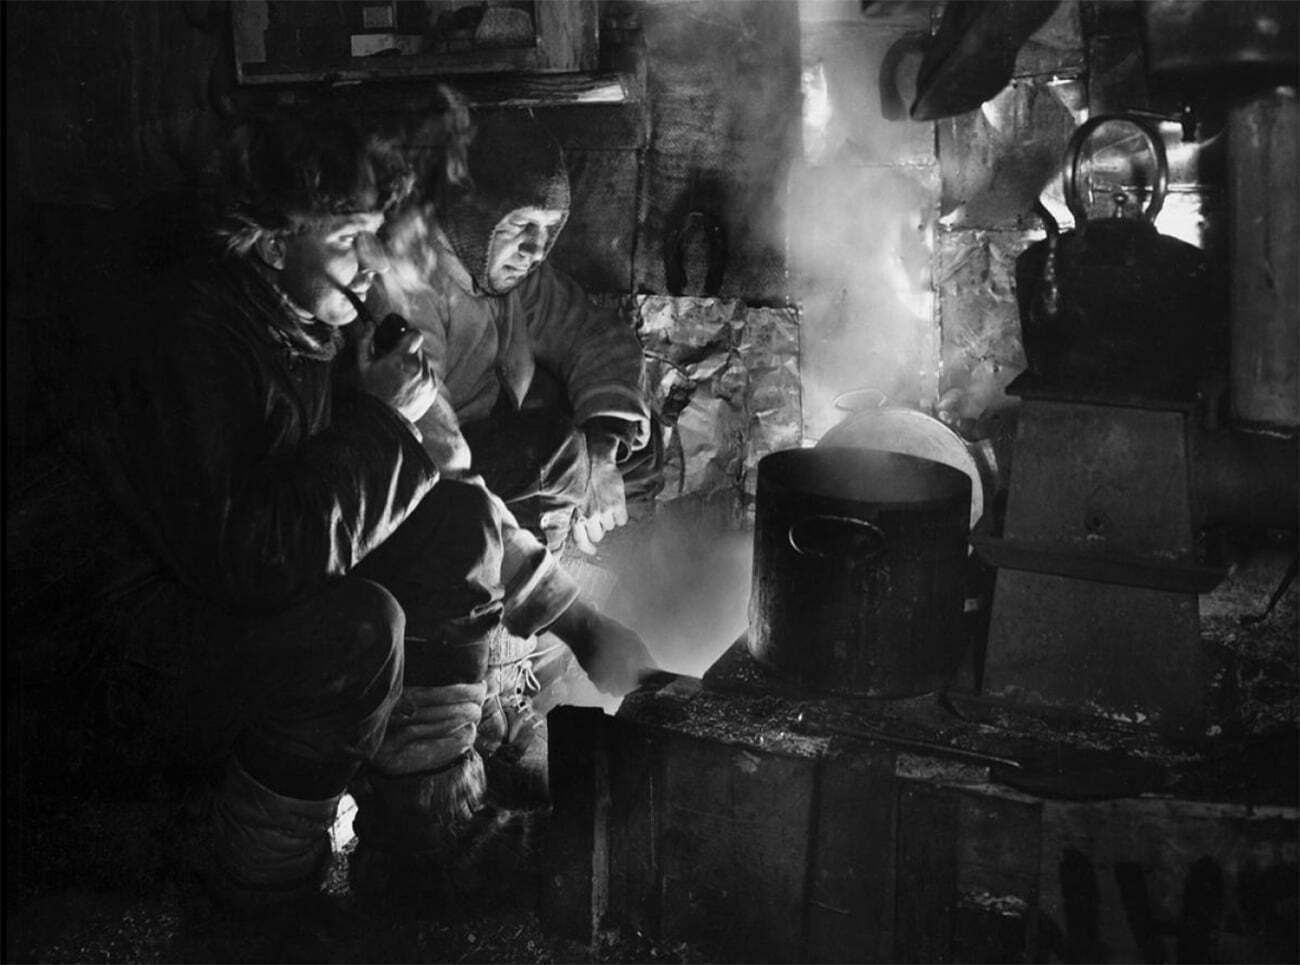 imagem de membros da expedição Terra Nova costurando agasalhos